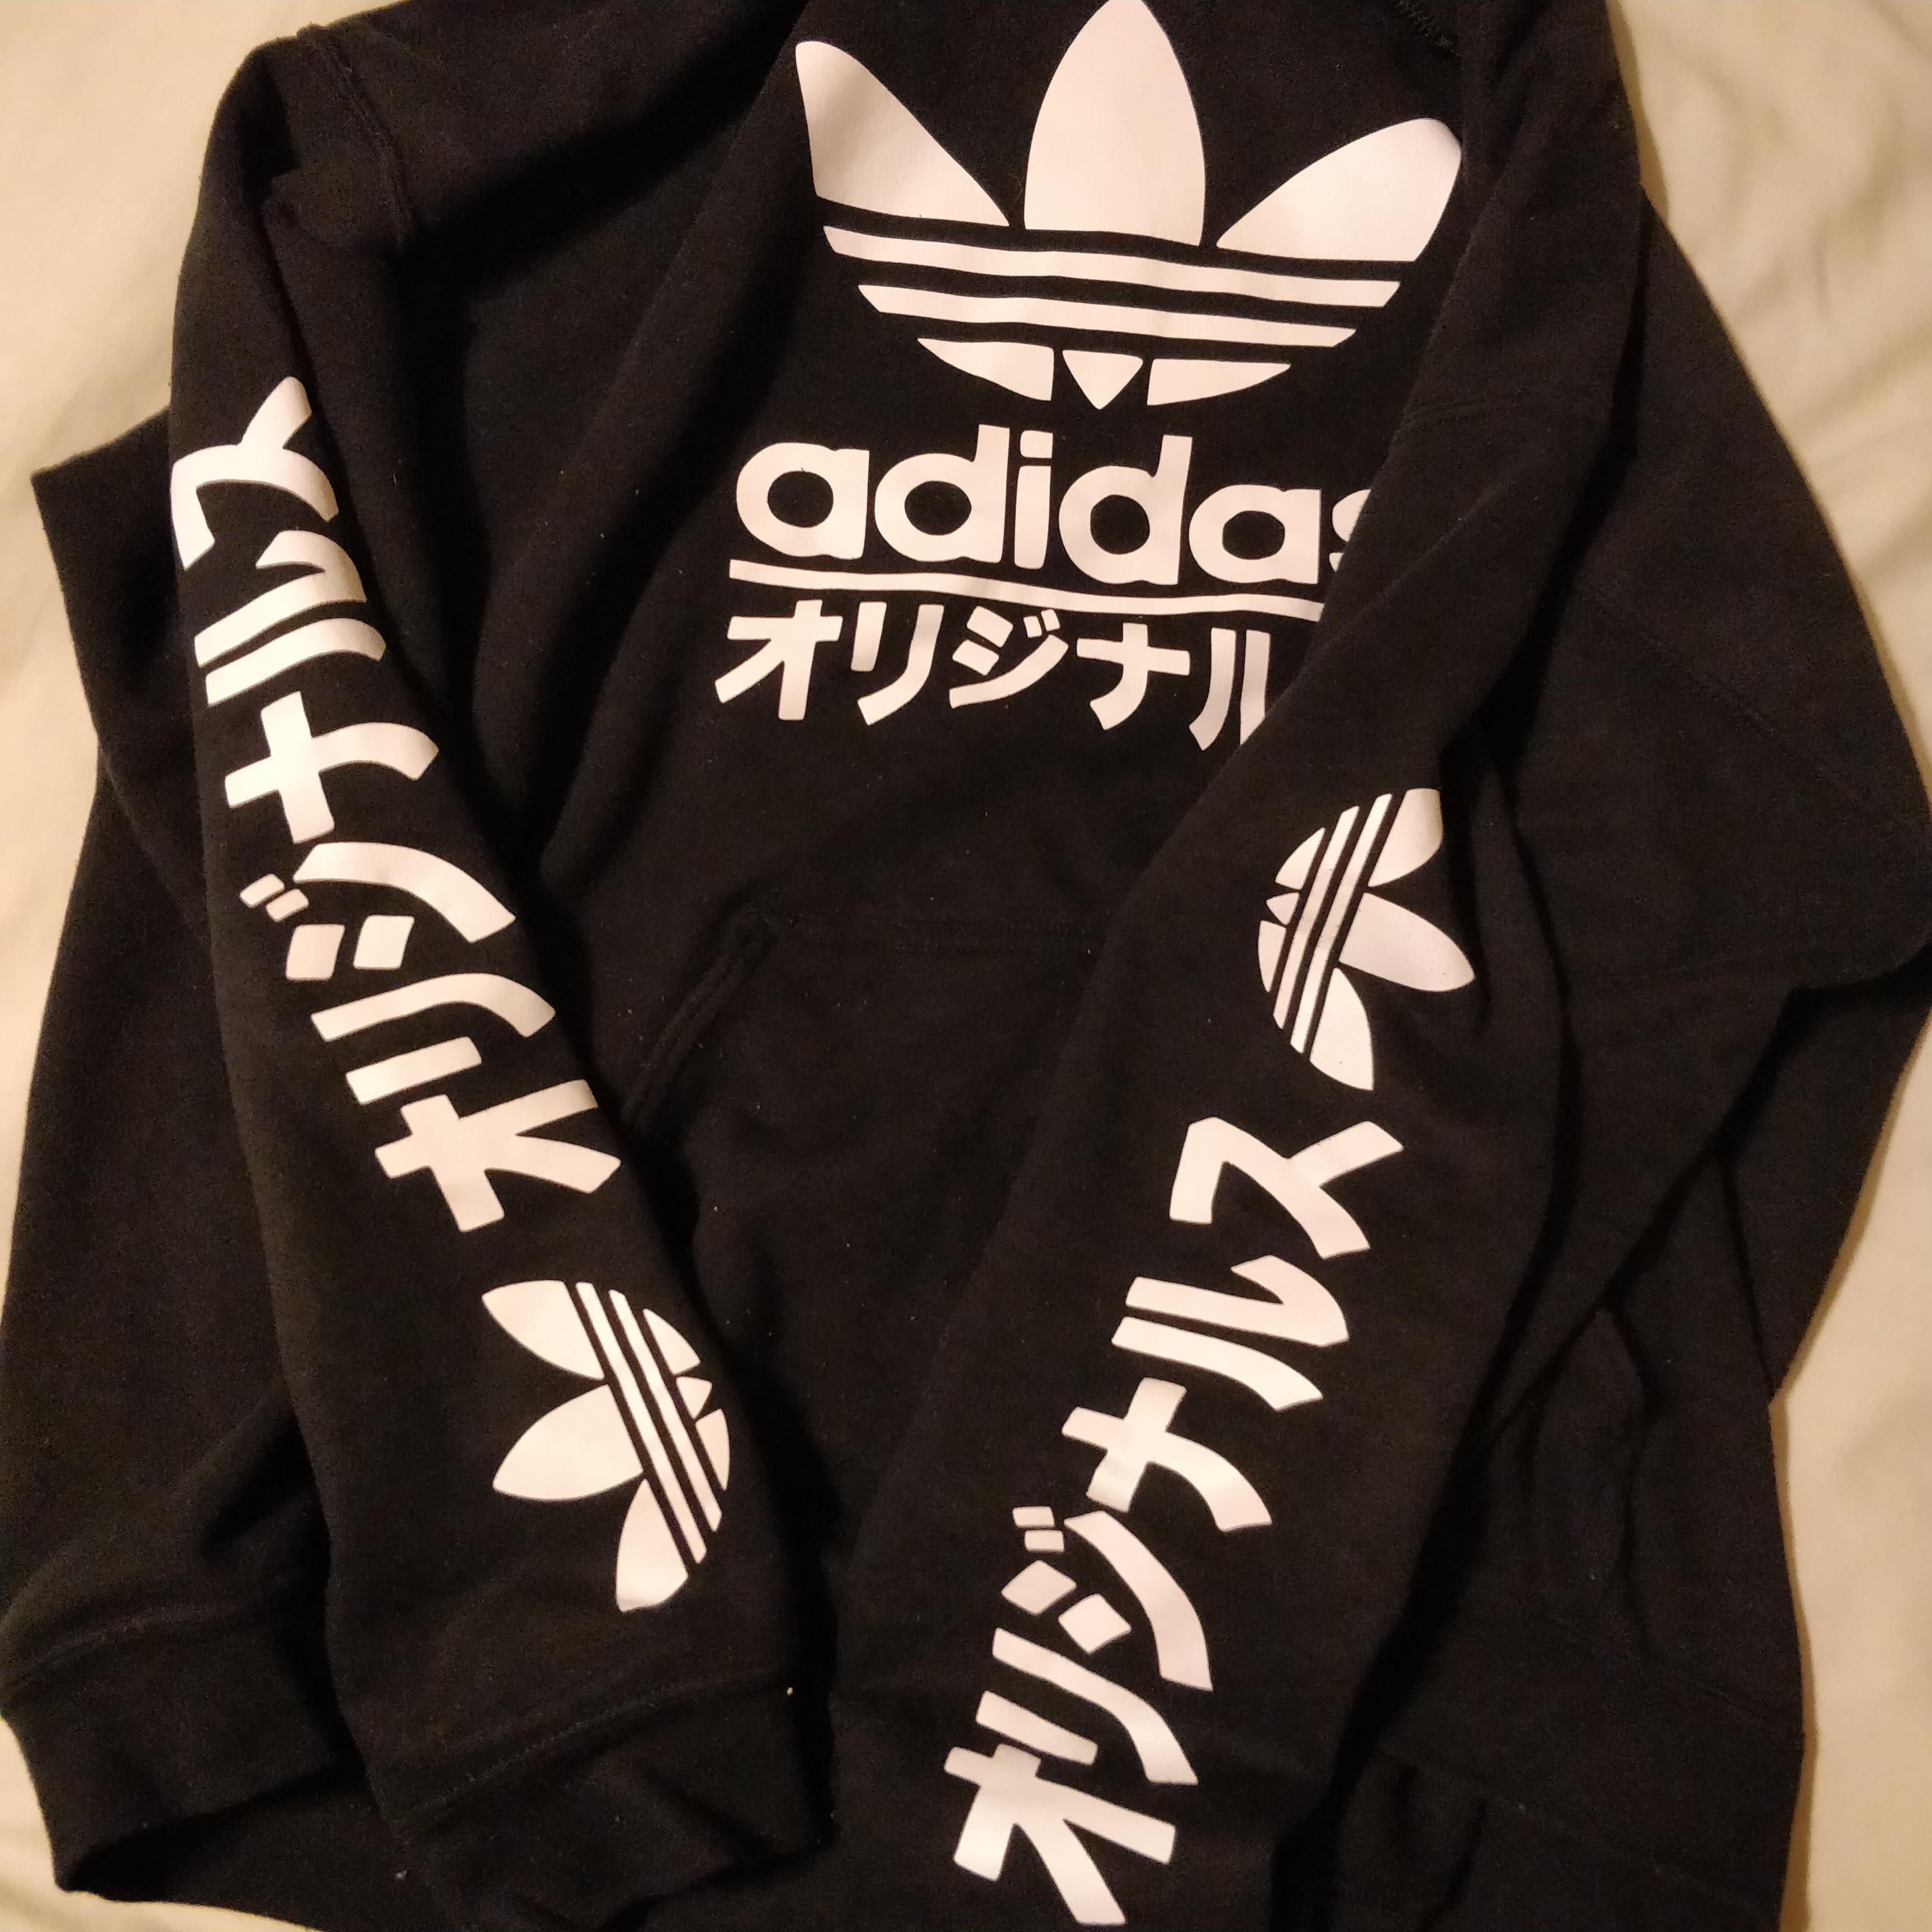 Adidas Japanese Hoodie Black